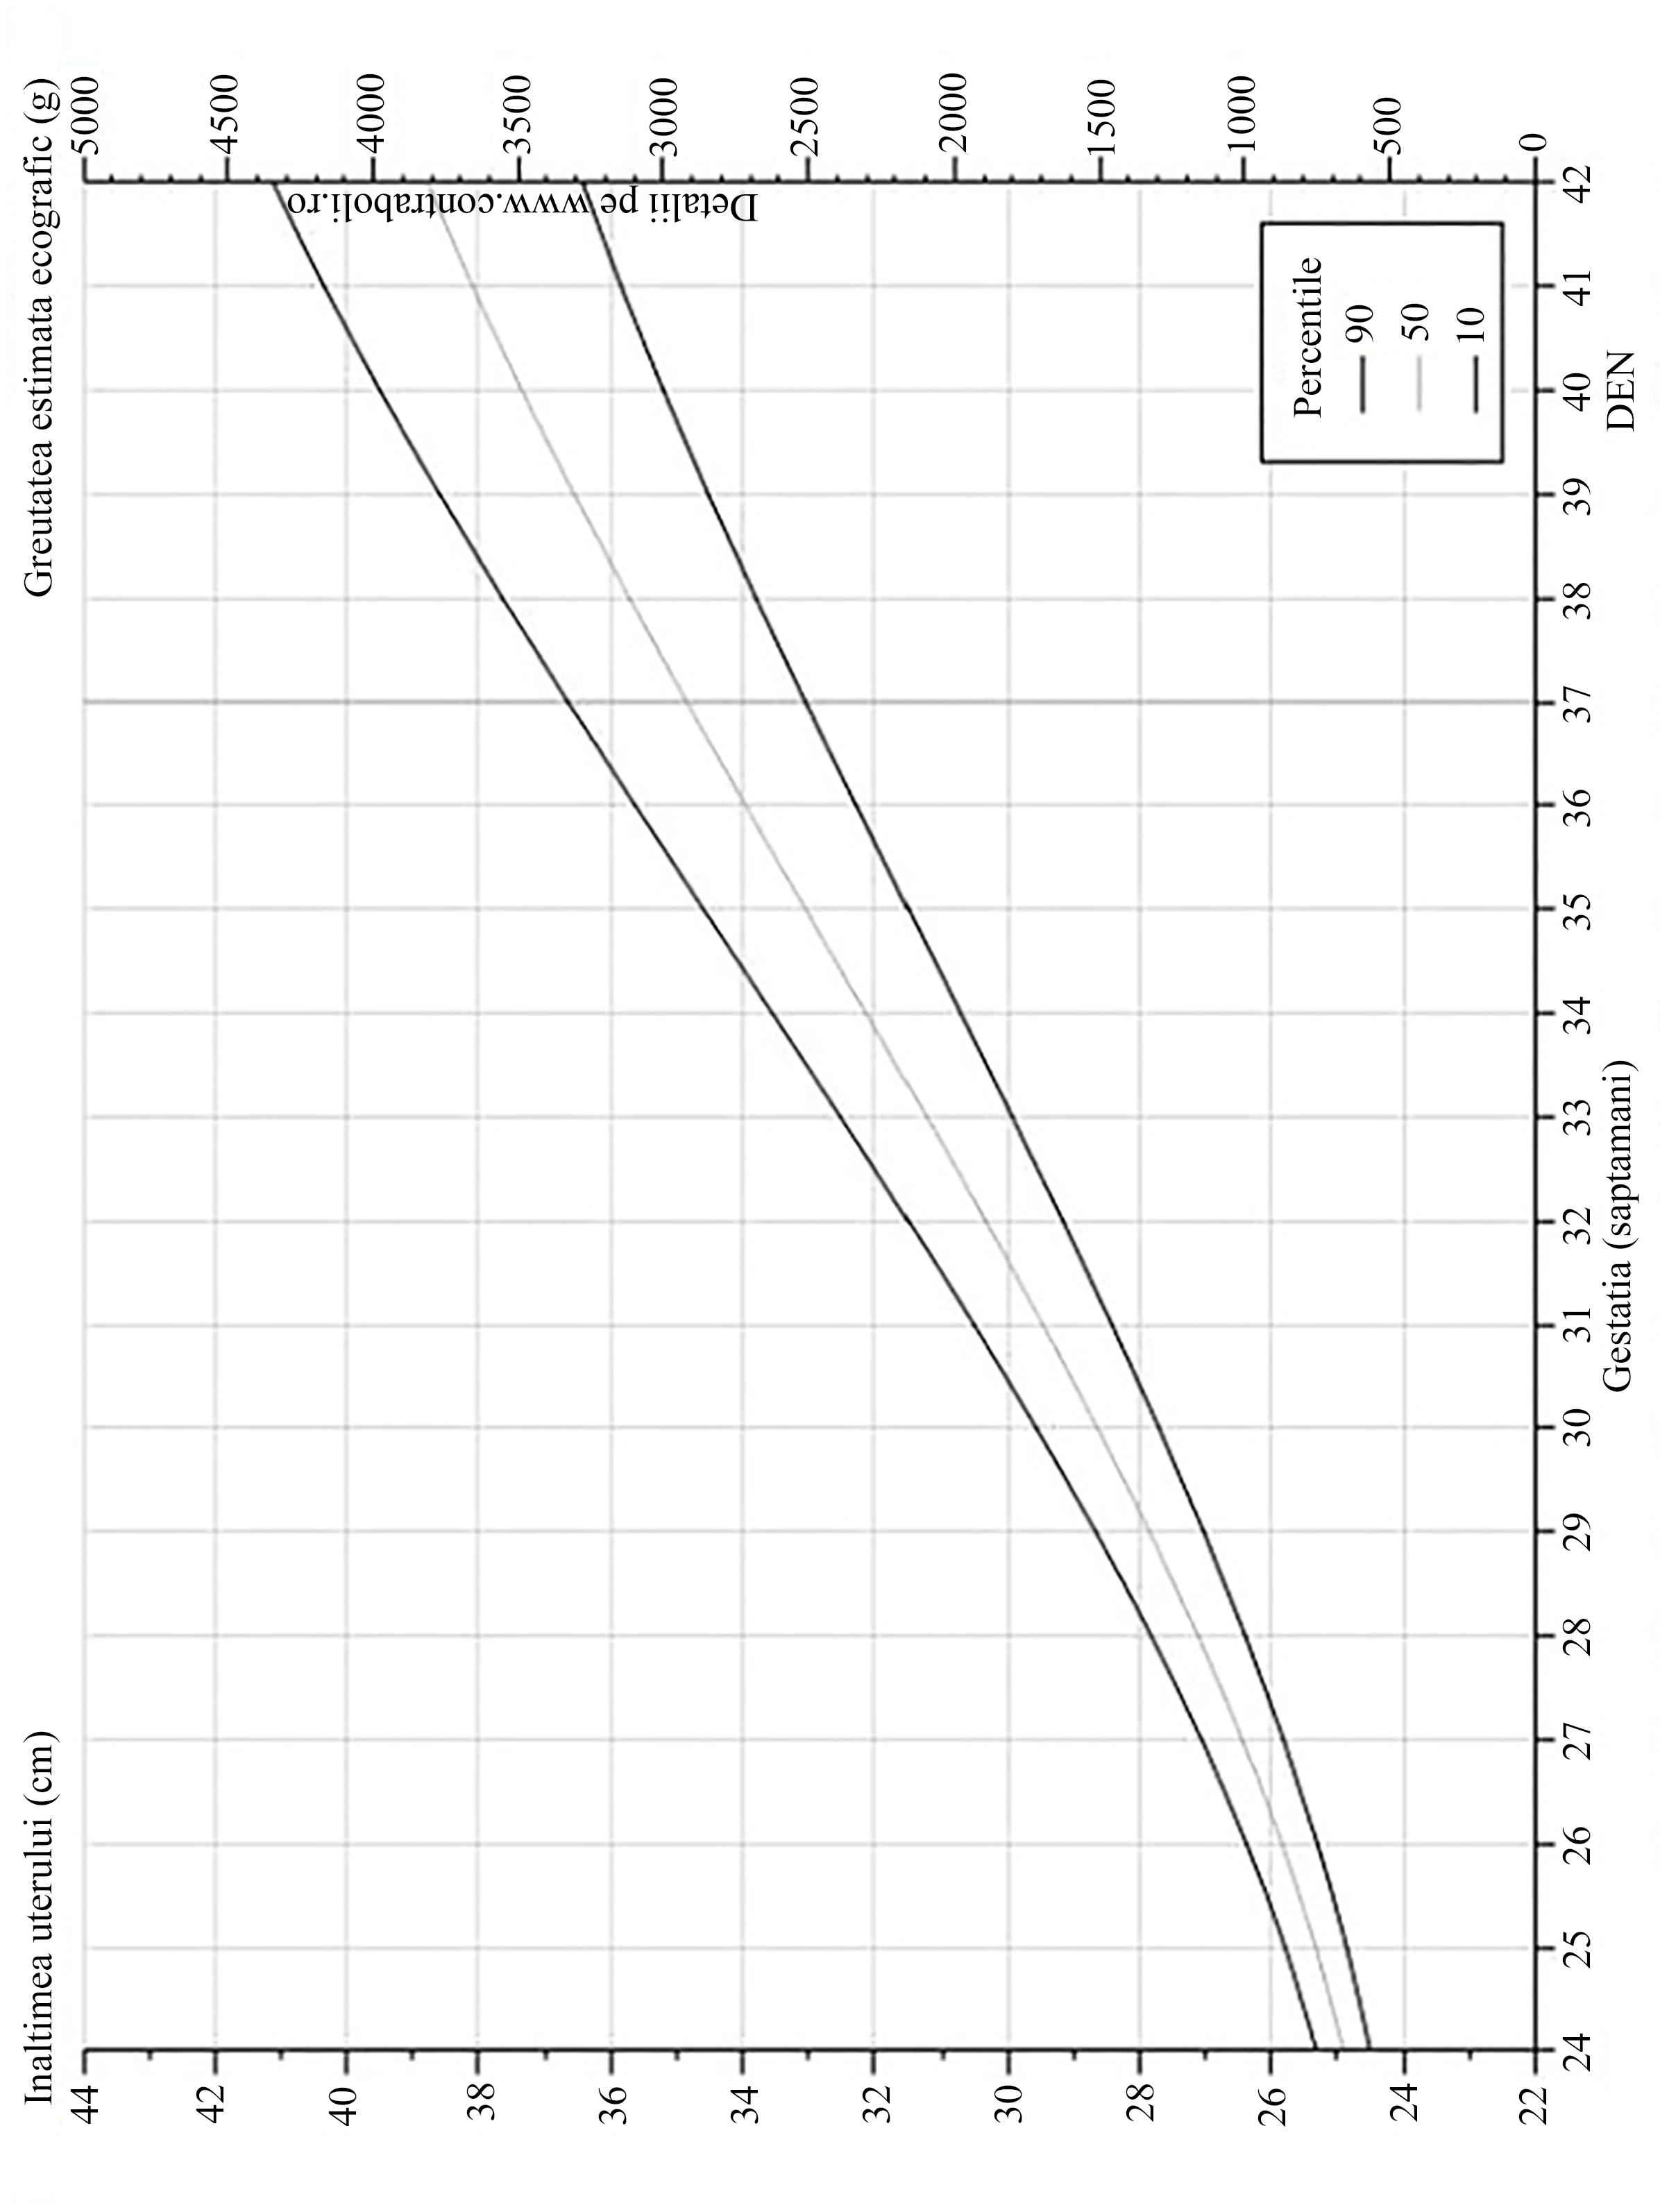 Free Greutate Group Tracker șablon pentru Excel Foi de calcul pentru pierderea în greutate